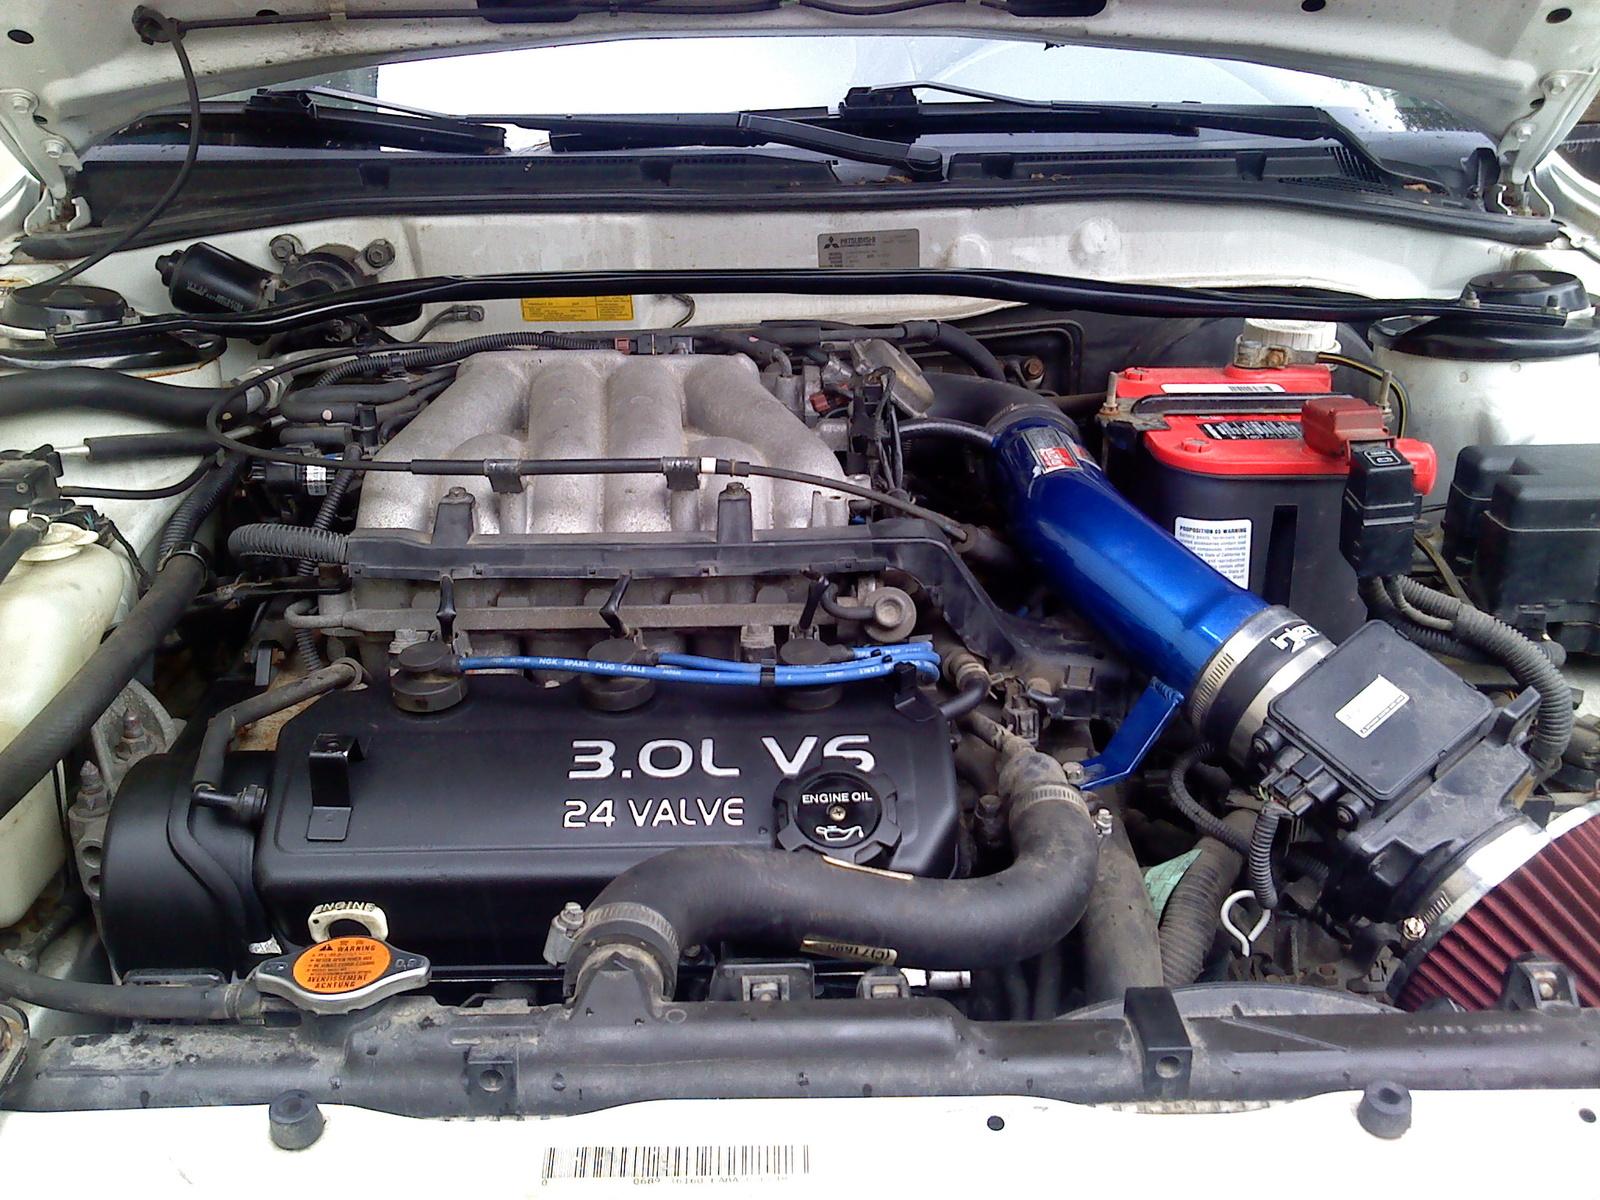 Mitsubishi Galant VII 2.0 24 V V6 T (240 Hp)